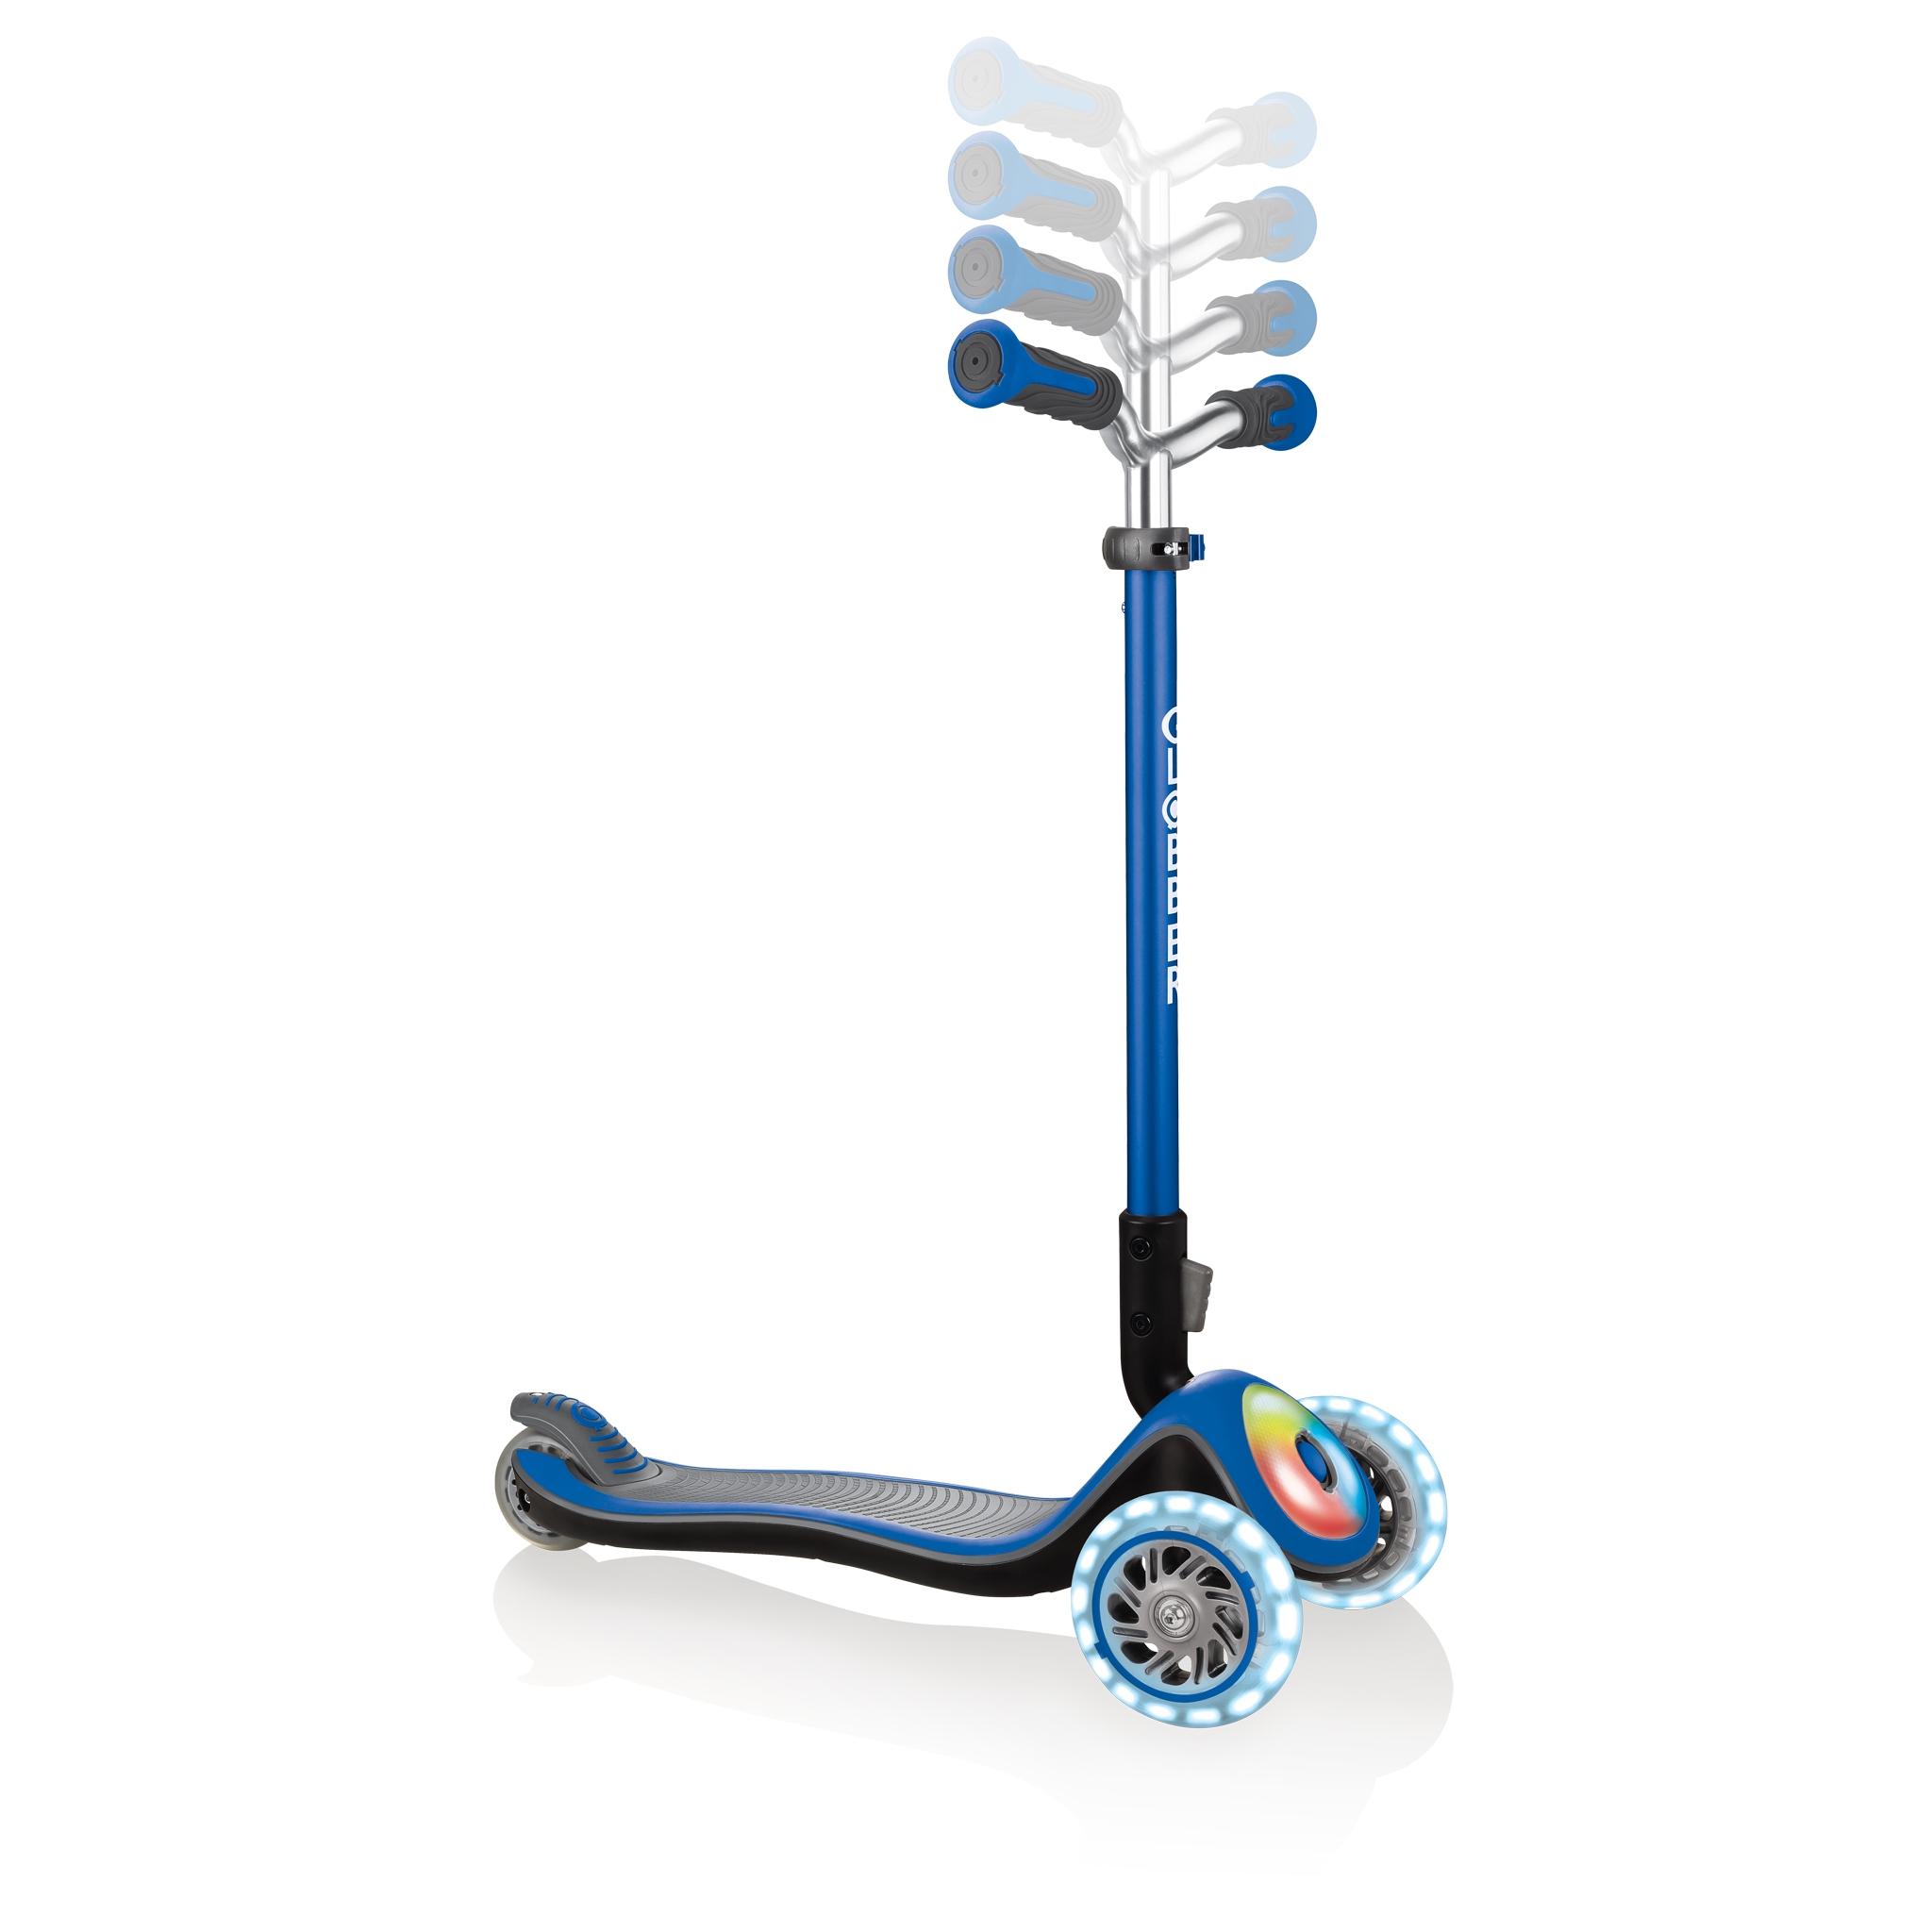 Globber-ELITE-PRIME-best-3-wheel-foldable-scooter-for-kids-with-adjustable-t-bar-navy-blue 1